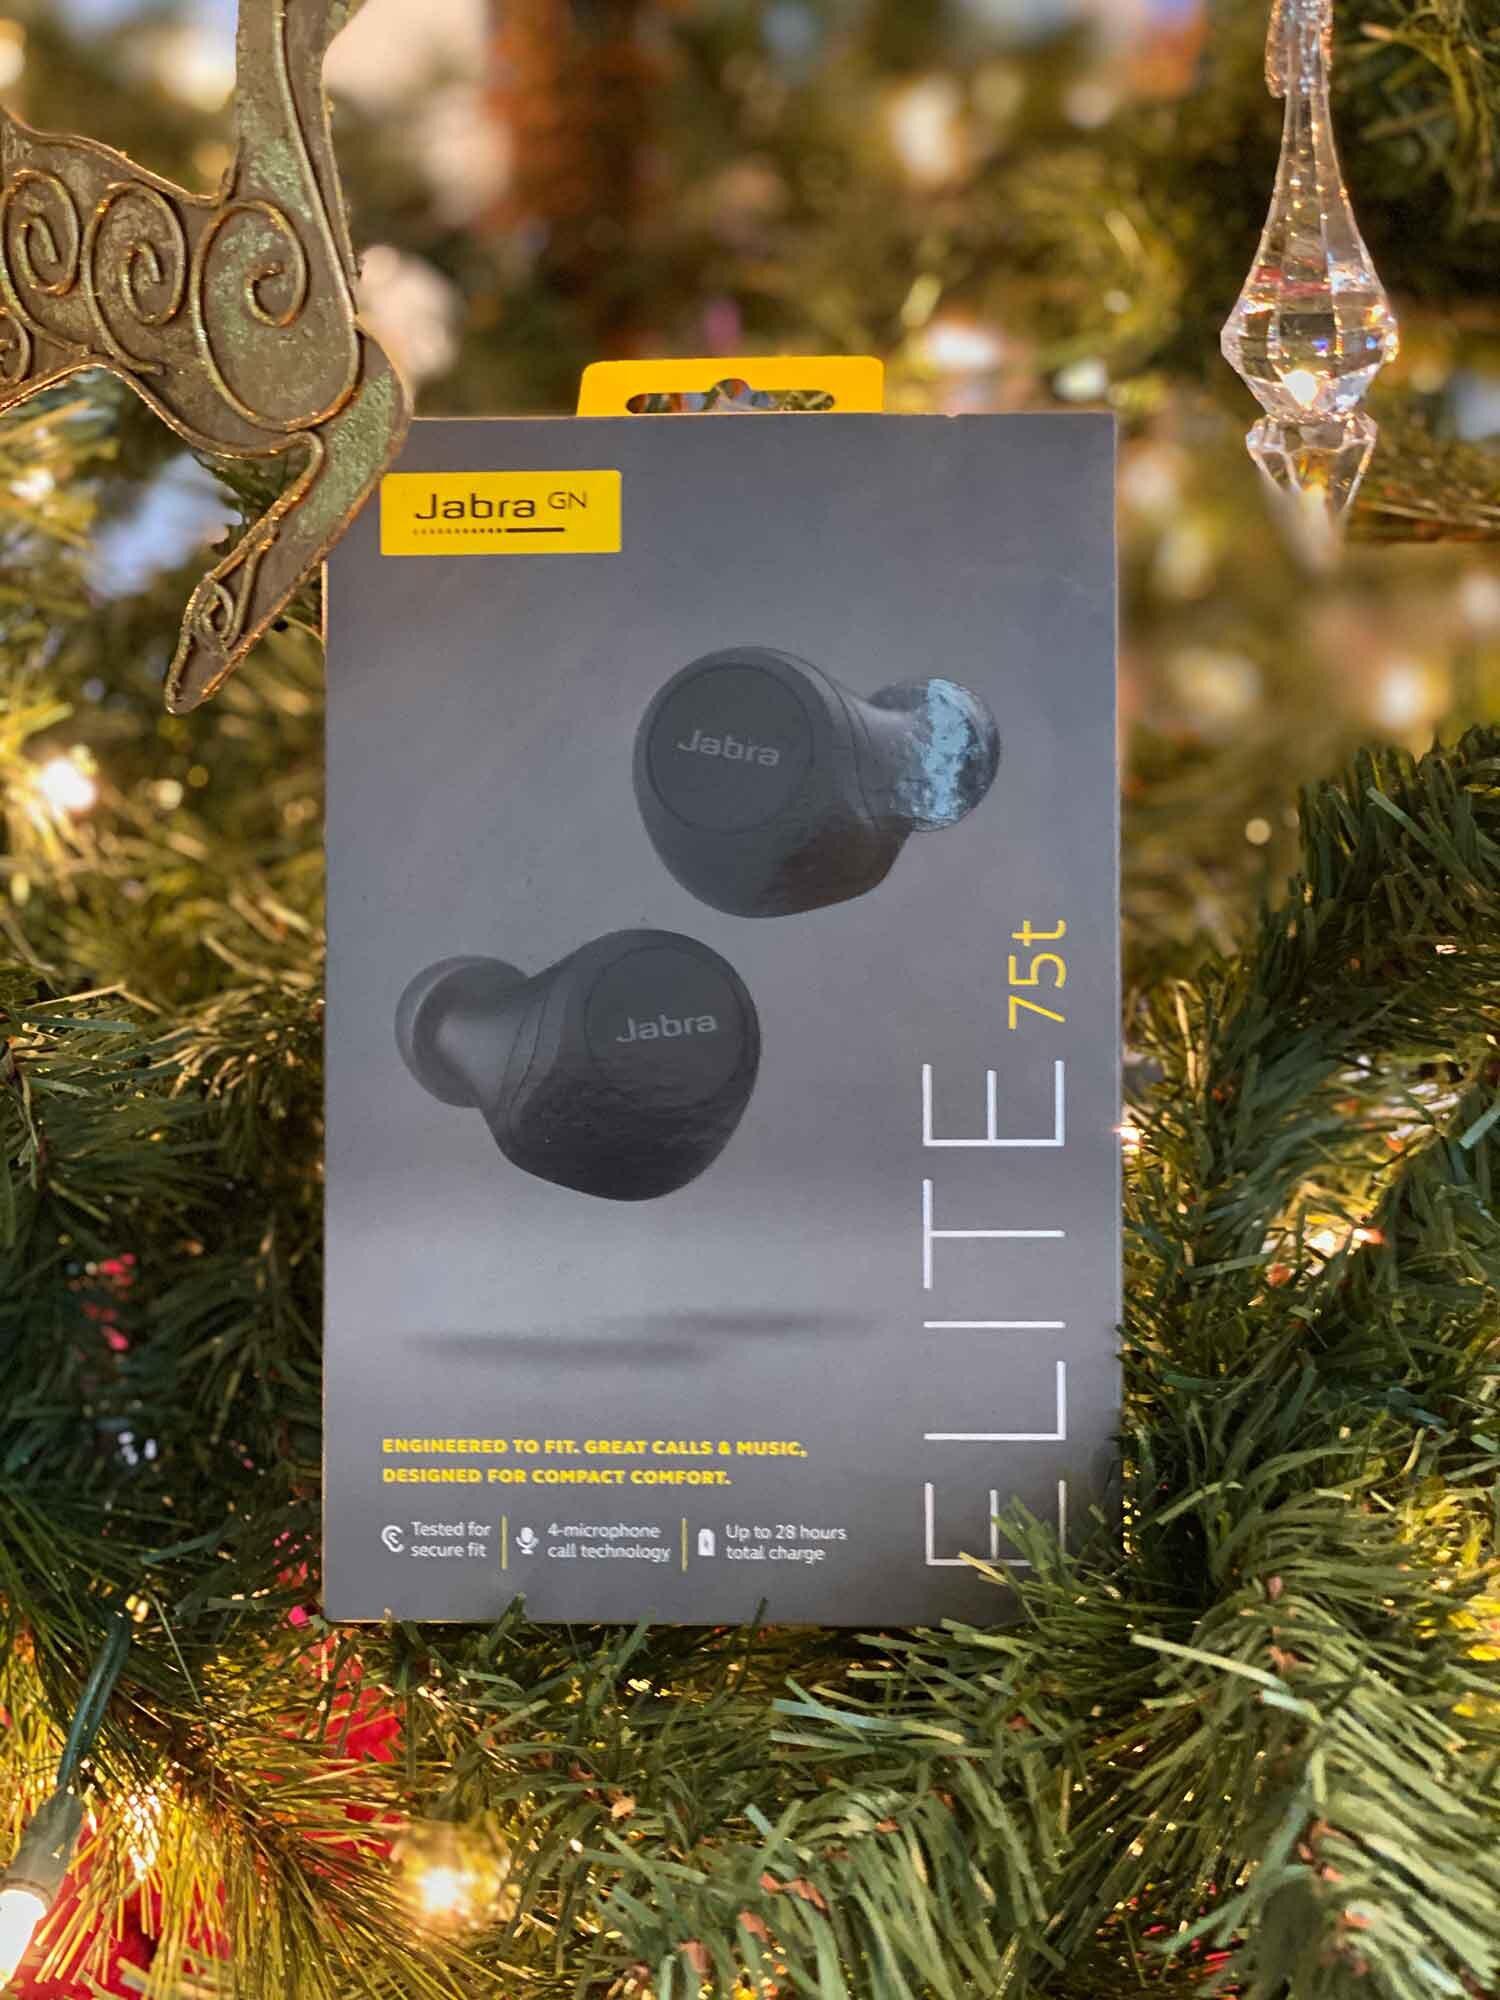 Jabra elite 75 bluetooth headphones Christmas tree